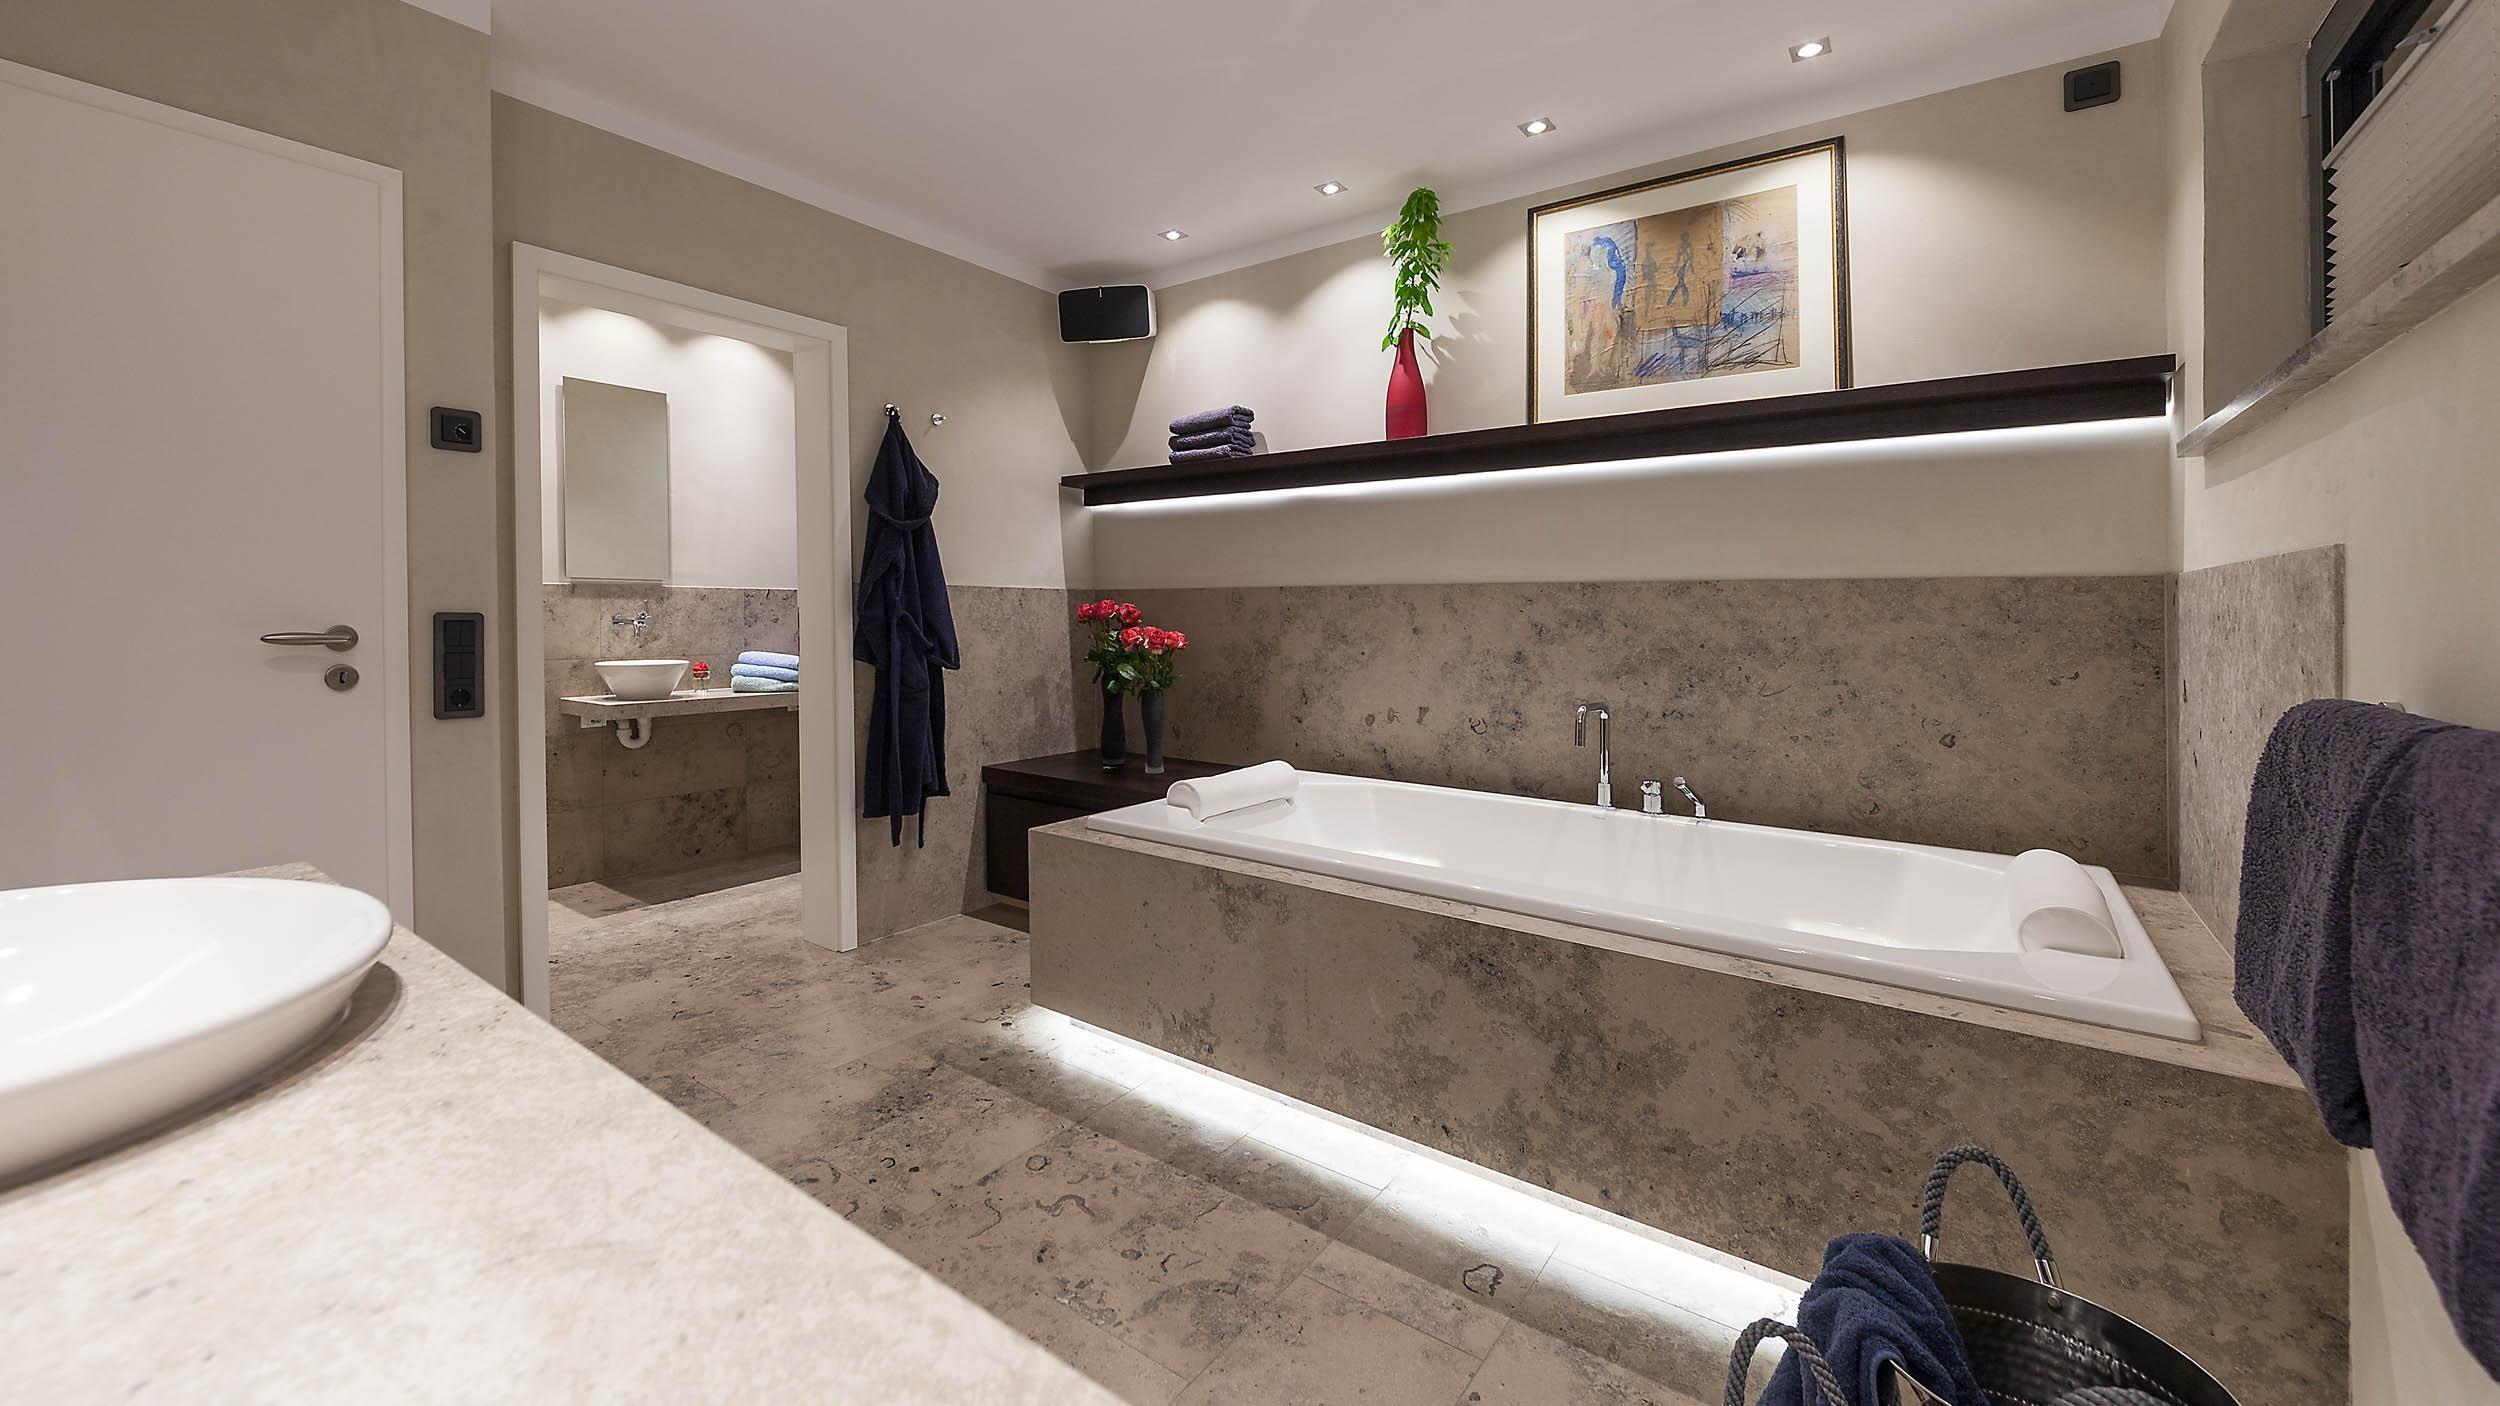 Exquisit Badezimmer Badewanne Ideen Von #bestebadstudios #badezimmer #bad #badewanne #waschbecken #baddeko #modernesbadezimmer